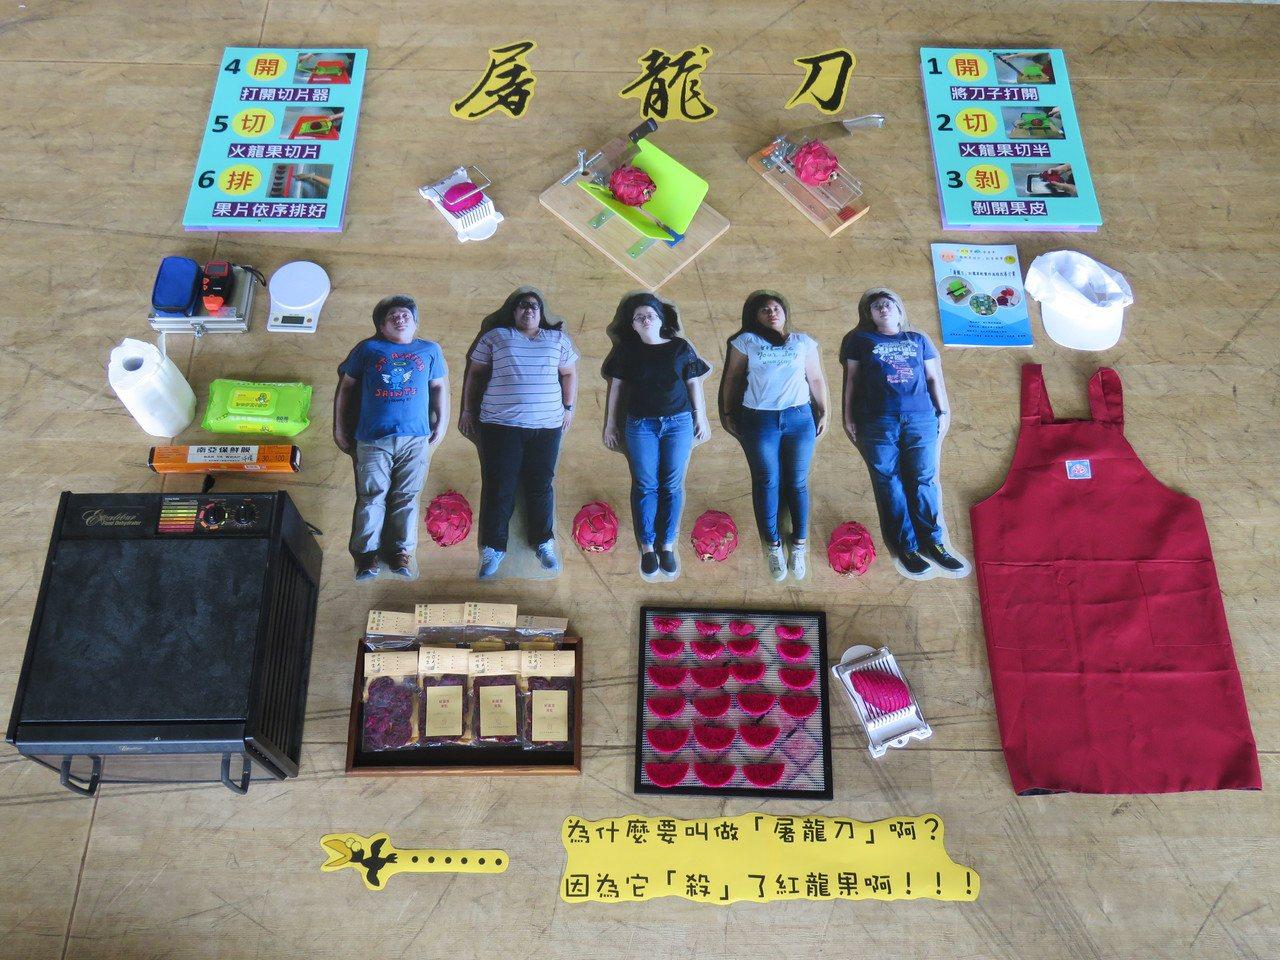 五個屏東老師研發的屠「龍」刀三式,讓農業縣的特效生更快學會處理紅龍果乾,並自製流...